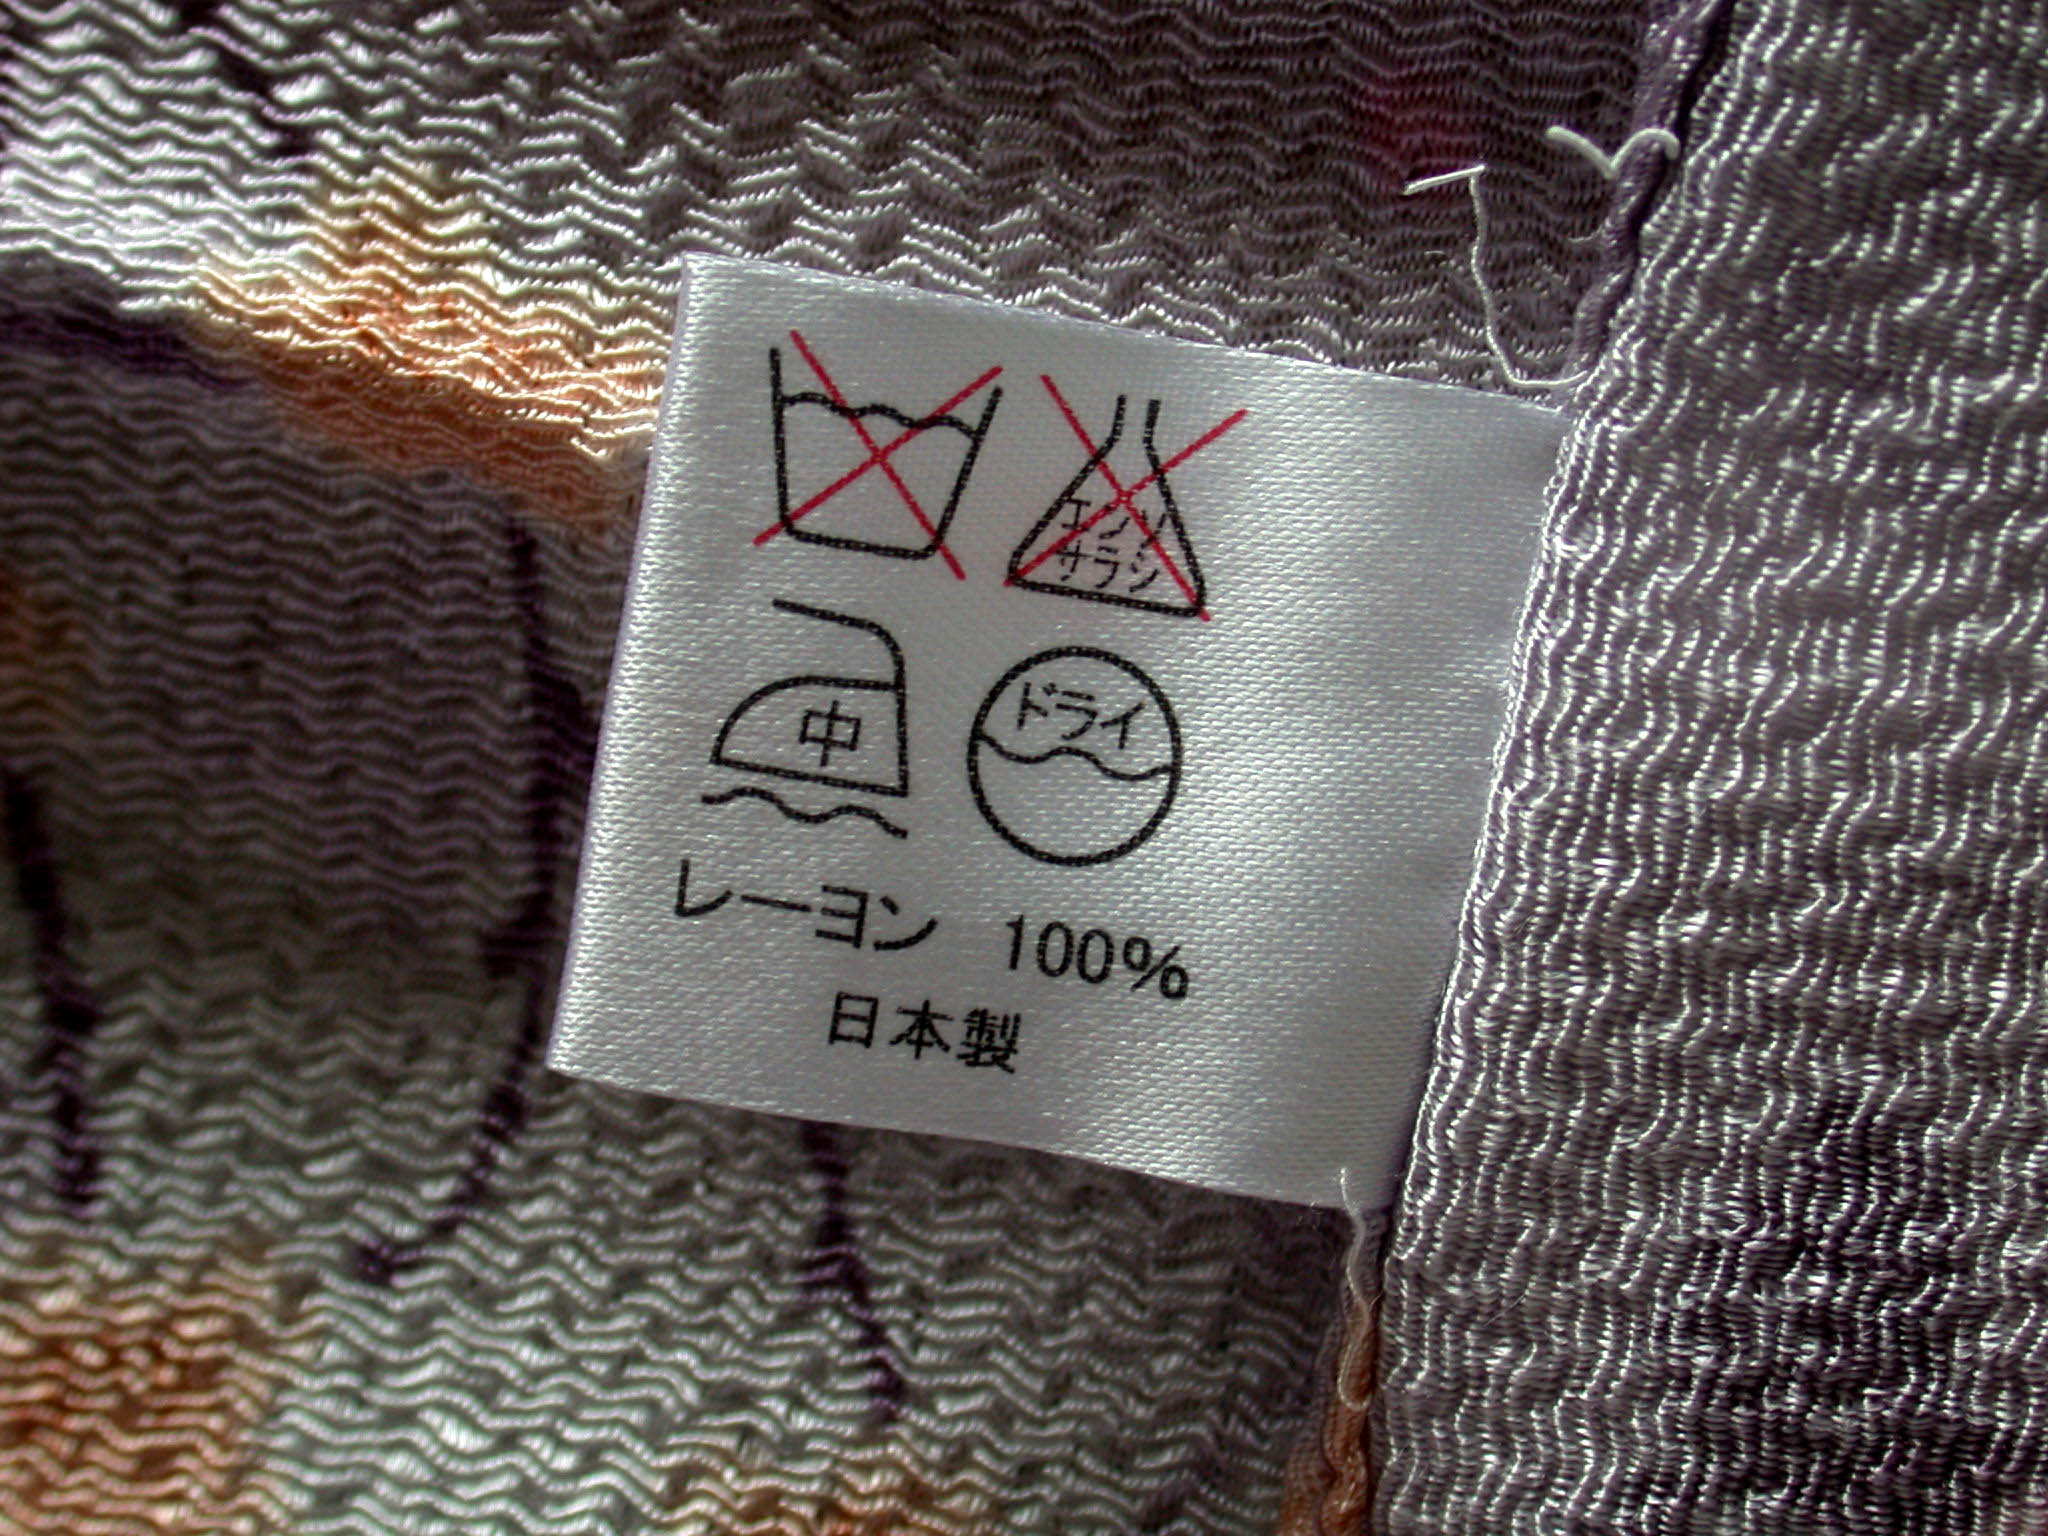 ما الذي تشير إليه رموز الغسيل الموجودة علي ملصقات الملابس ؟